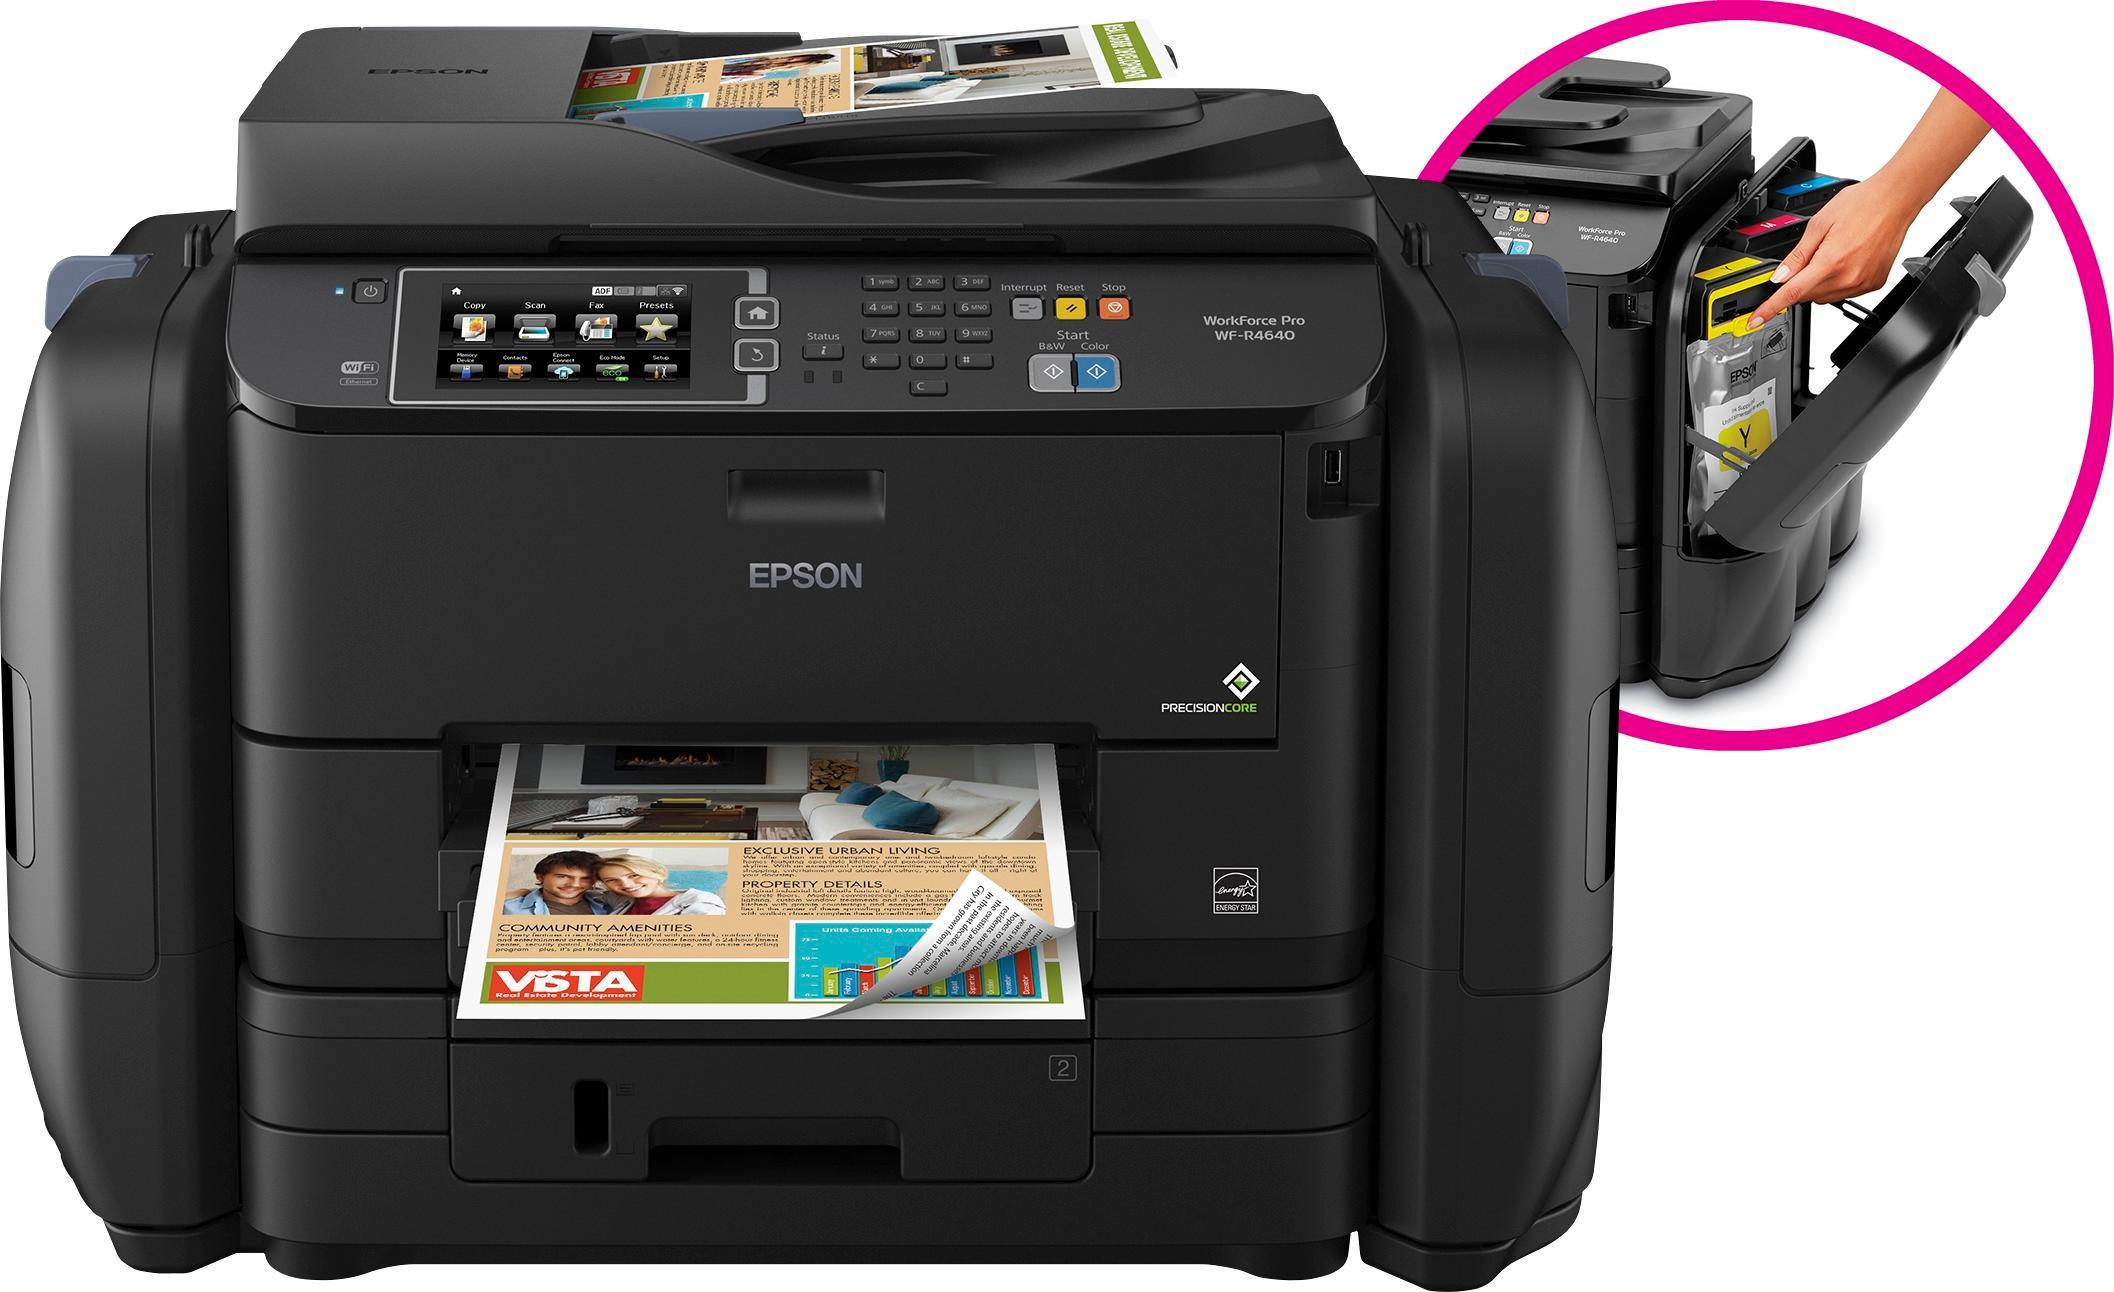 Epson WorkForce Pro WF-R4640 EcoTank Wireless All-In-One Printer Black C11CE69201